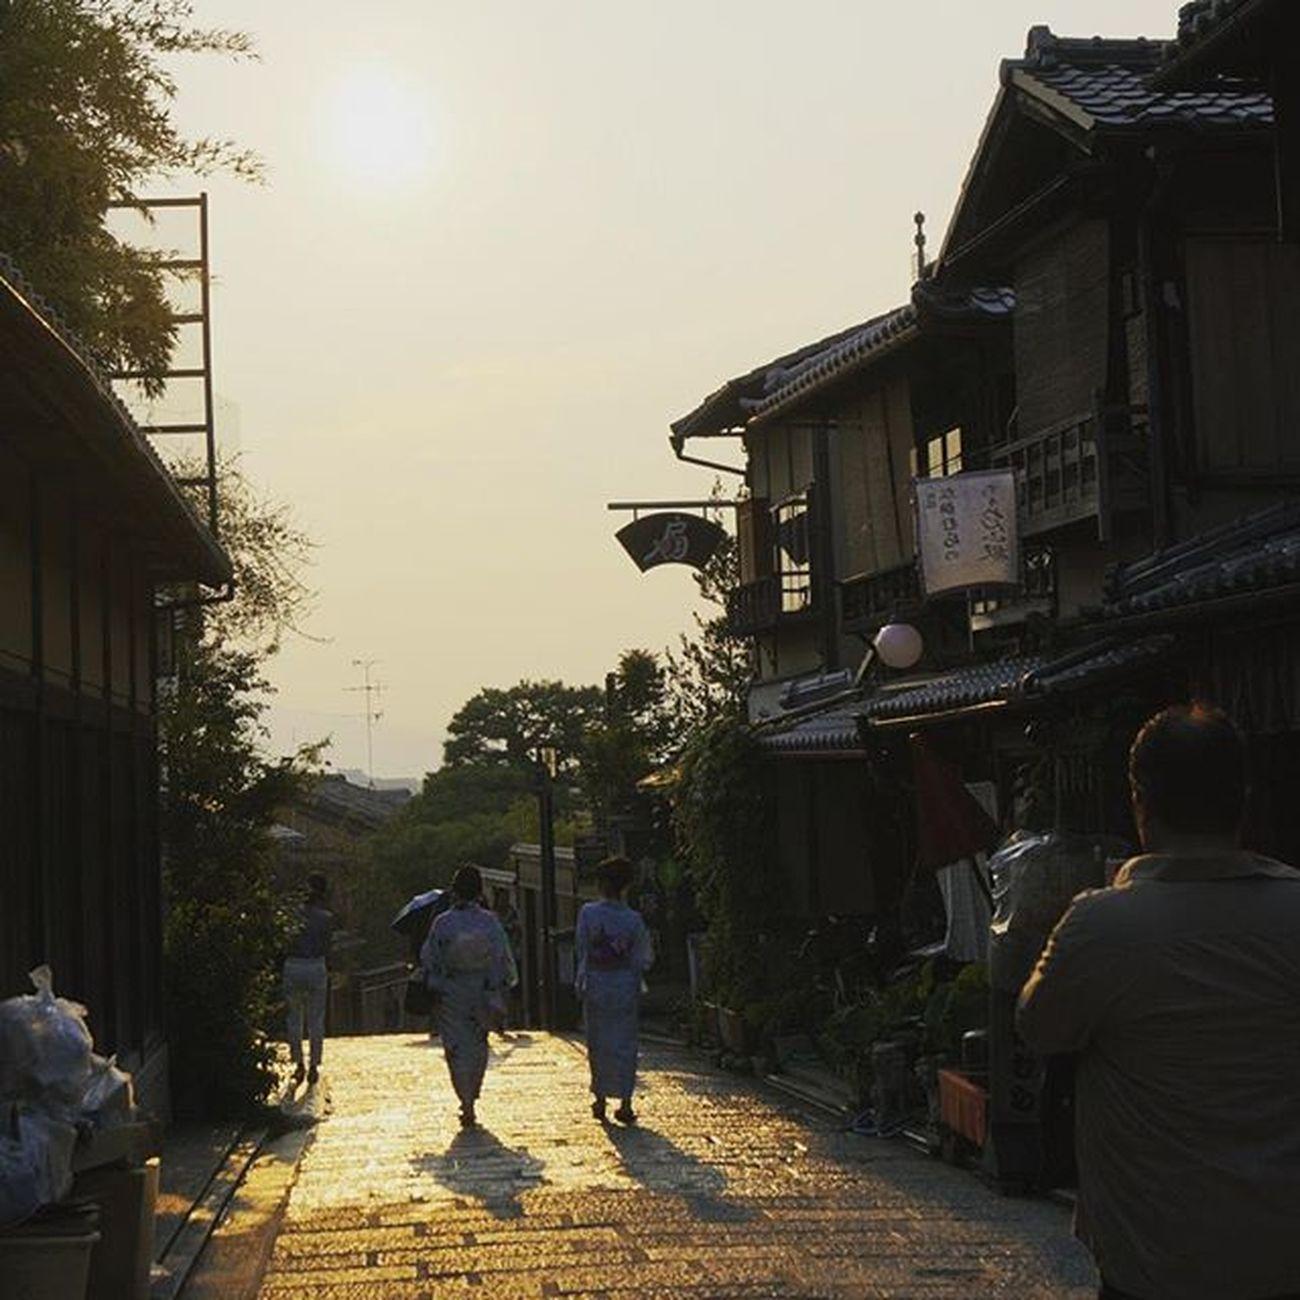 Japan Kansai Kyouto Japaneseculture Helloworld Sunset YUKATA Beautiful Kiyomizudera 京都 着物 夕日